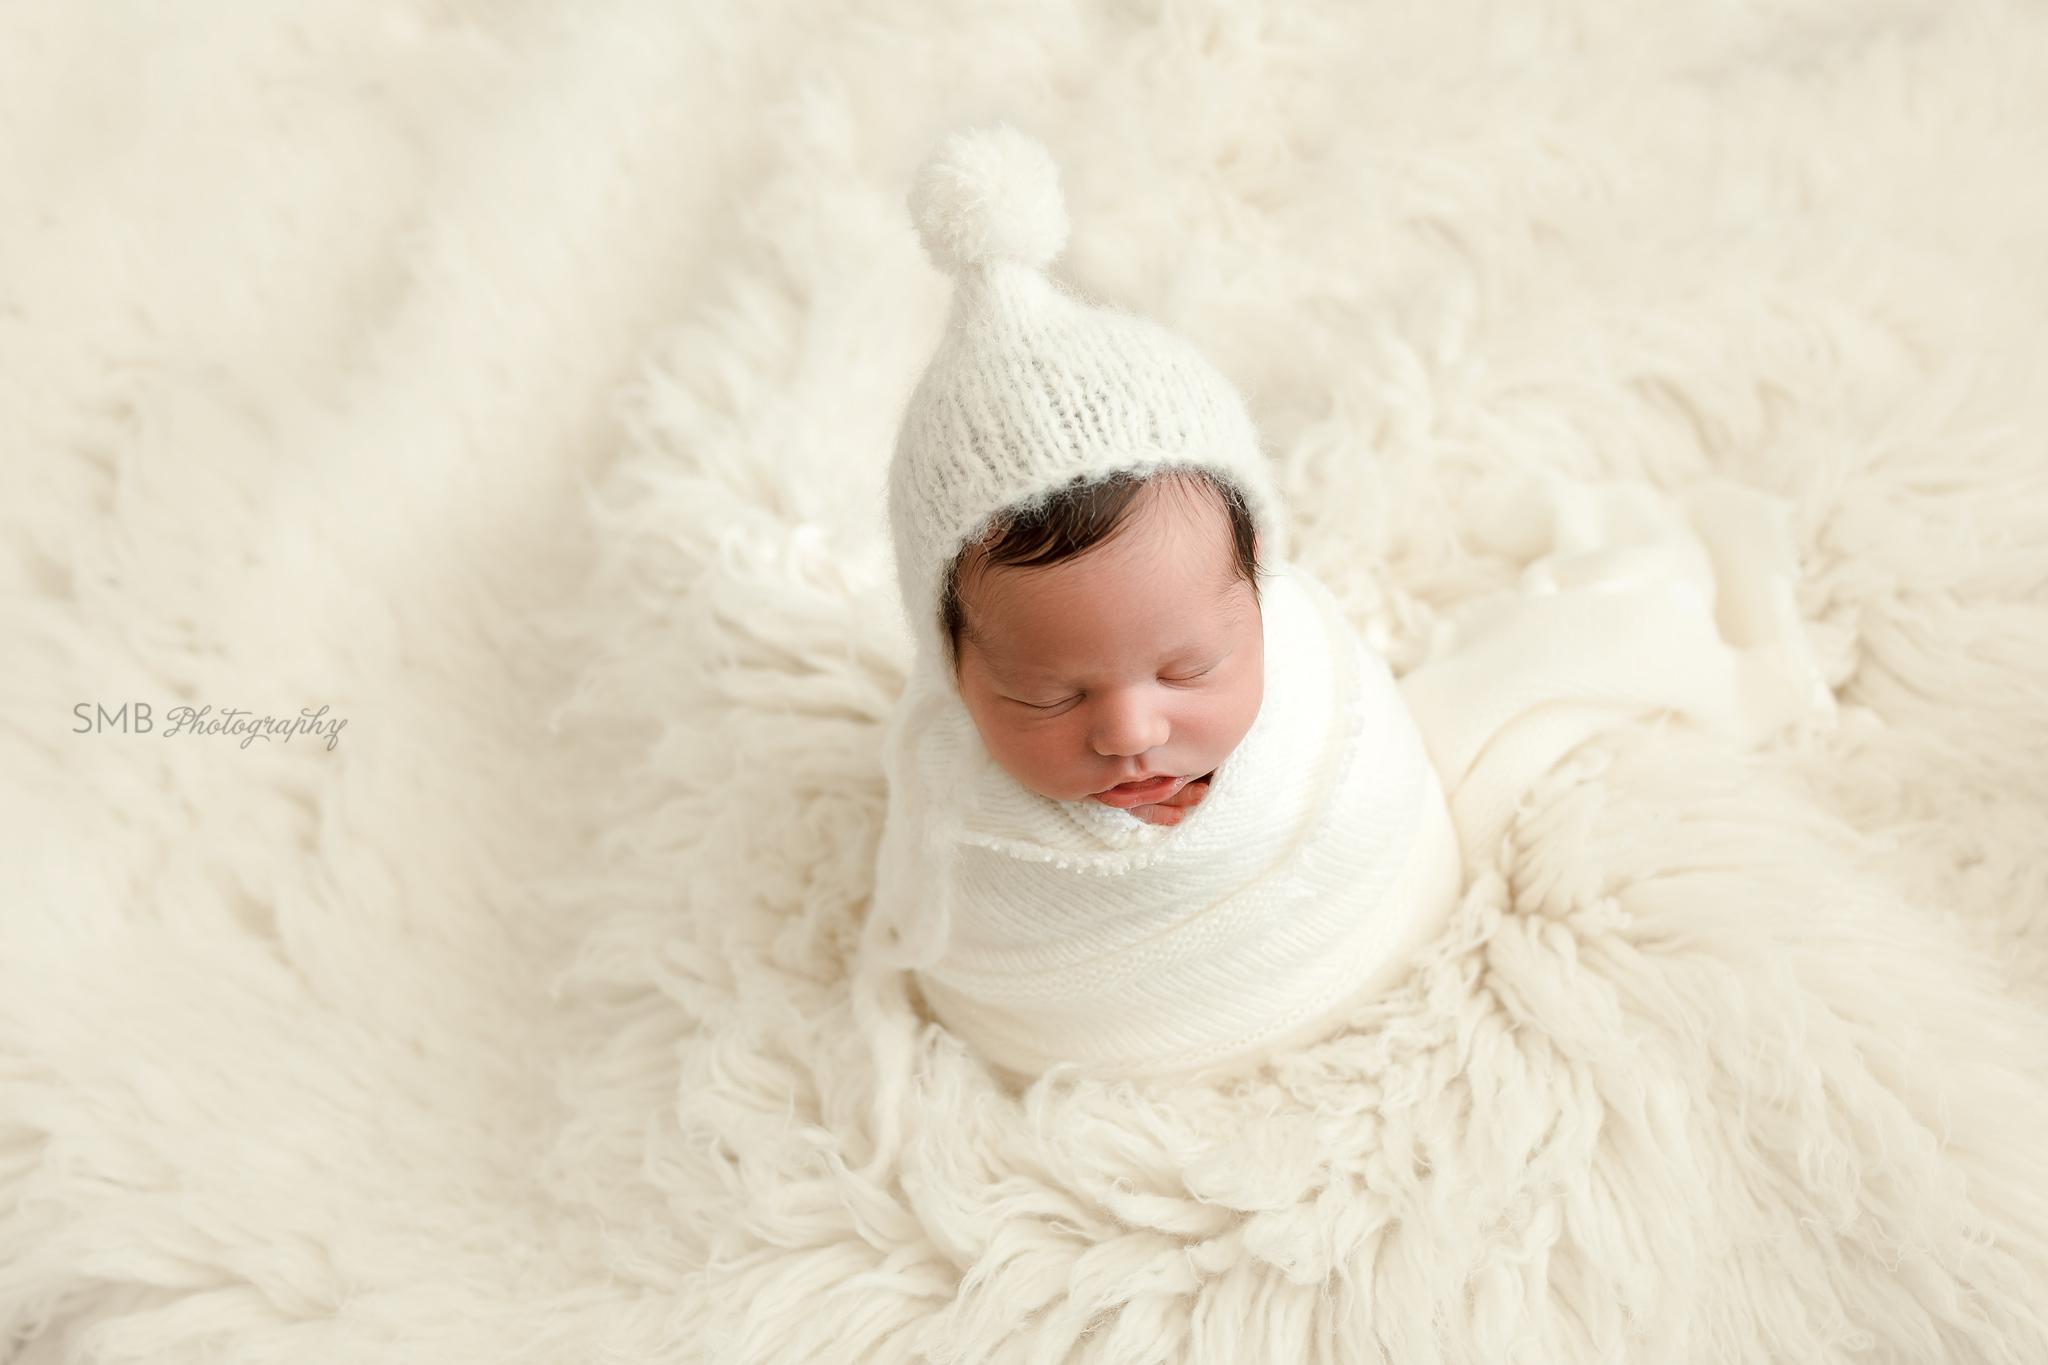 Baby wrapped in potato sack pose on white flokati